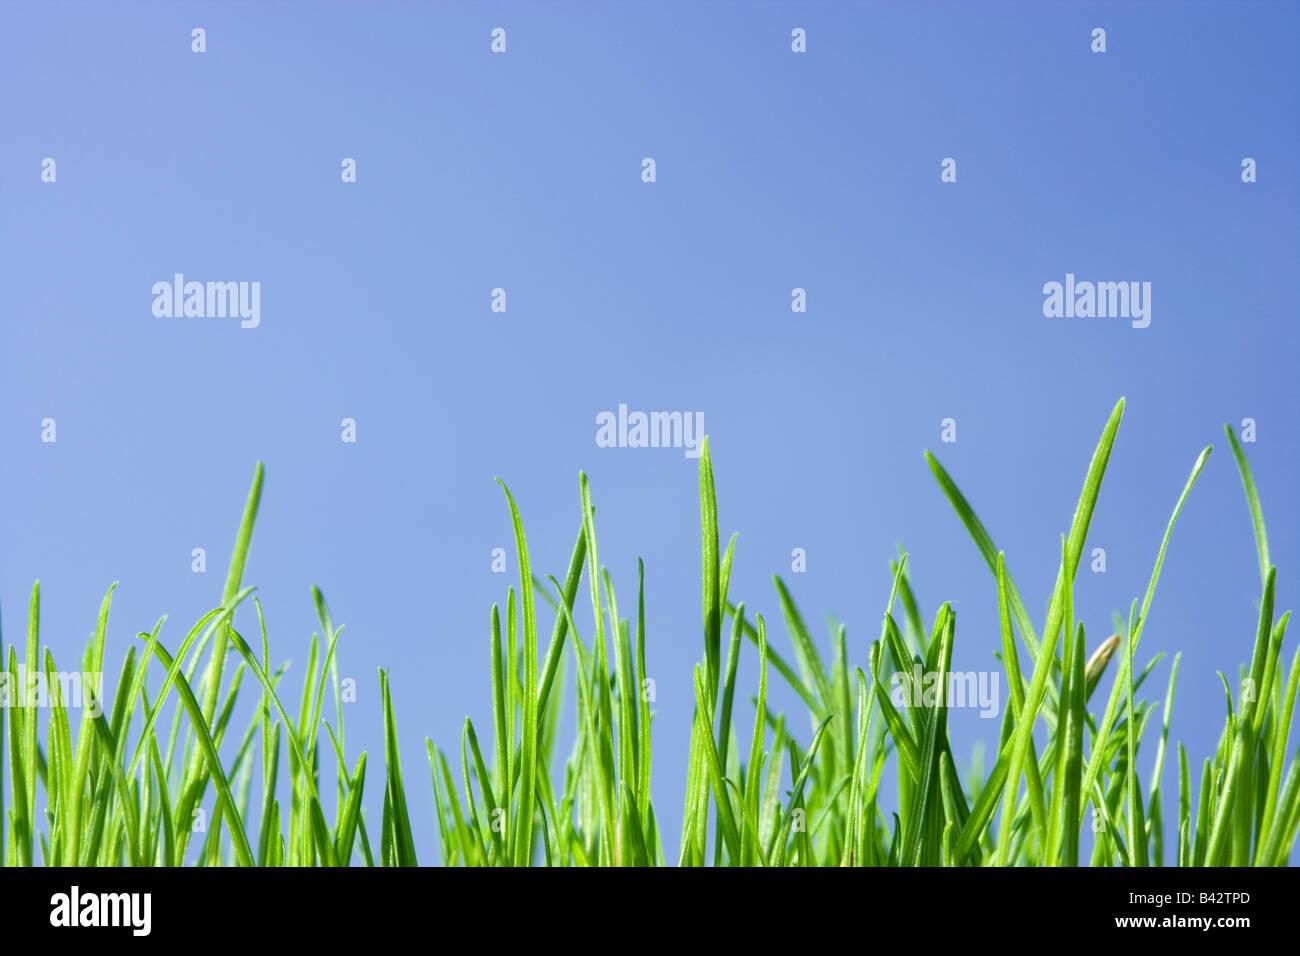 Erba, angolo basso contro il cielo blu. Immagini Stock